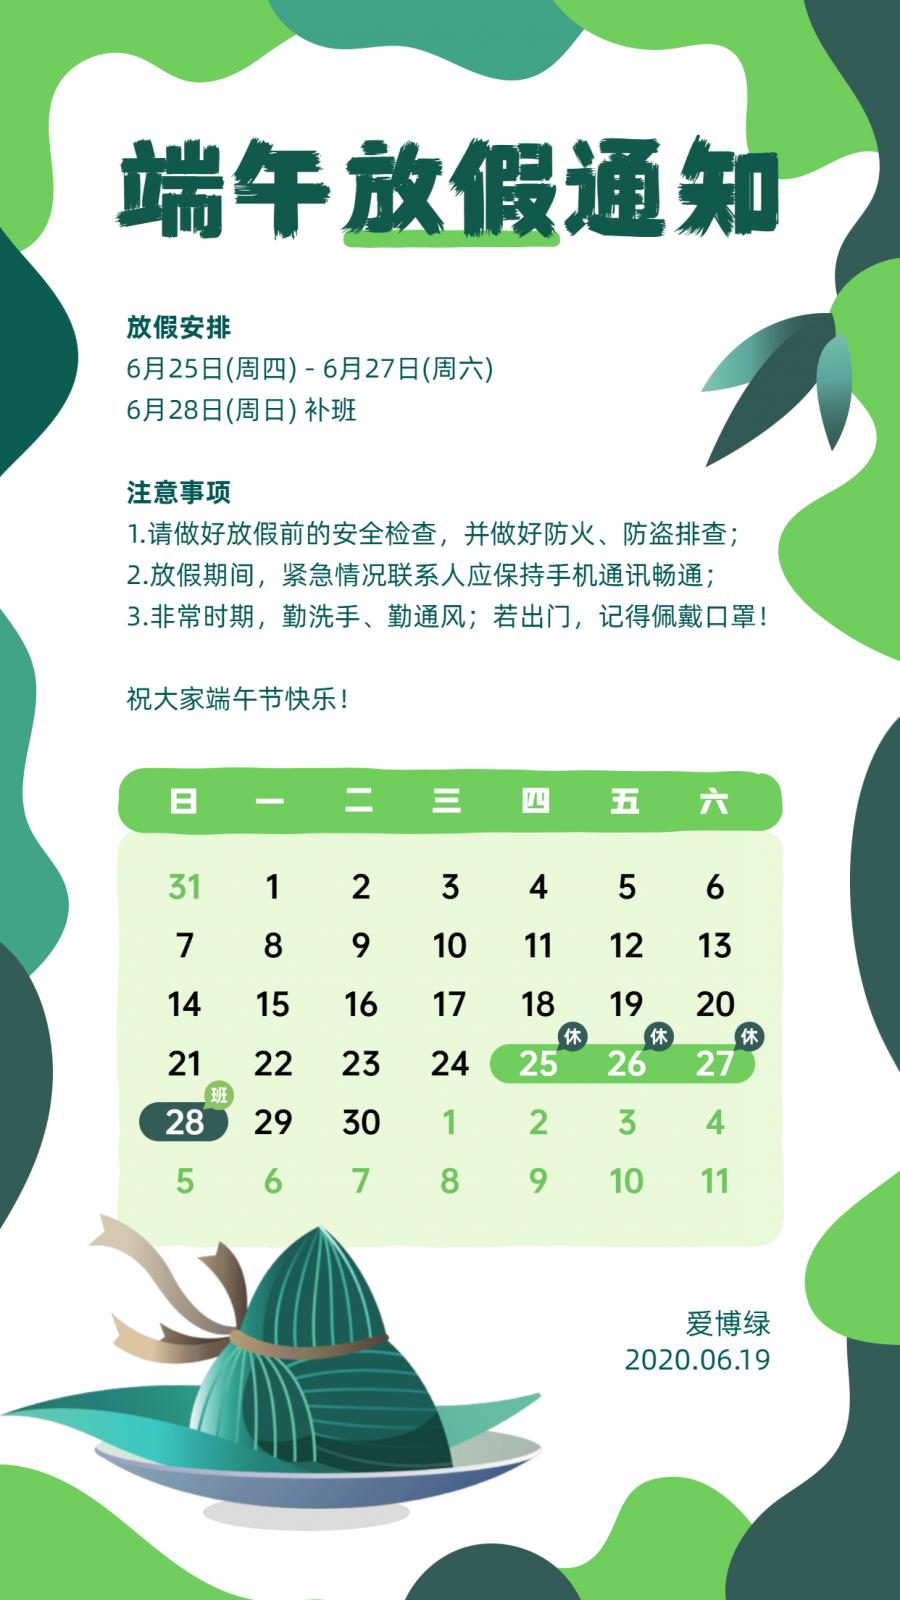 爱博绿端午节放假公告